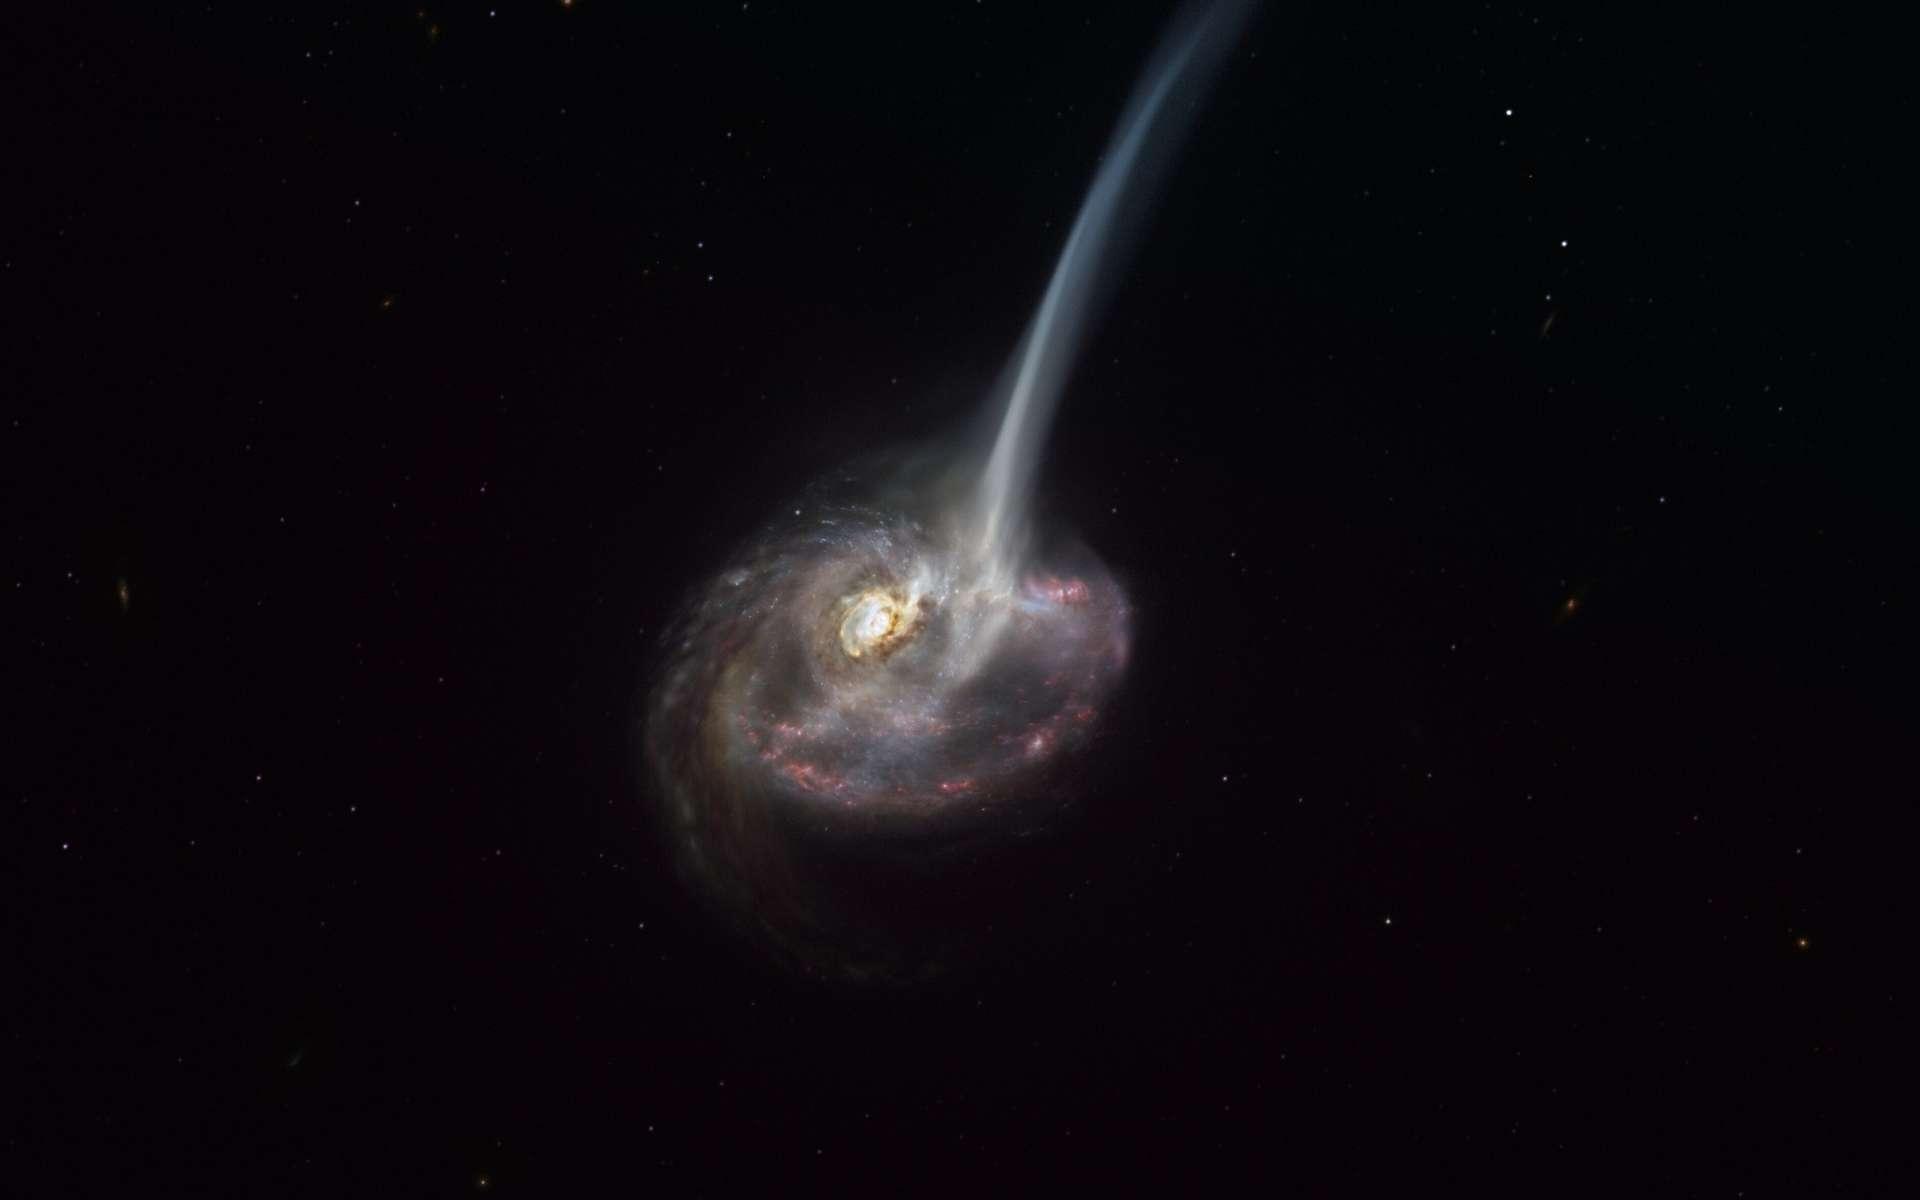 Cette vue d'artiste d'ID2299 montre la galaxie, fruit d'une collision galactique, et une partie de son gaz éjecté par une « queue de marée » à la suite de la fusion. Elle illustre les nouvelles observations faites avec Alma, dont l'ESO est partenaire qui ont permis de saisir les premières étapes de cette éjection, avant que le gaz n'atteigne les très grandes échelles. © ESO, M. Kornmesser